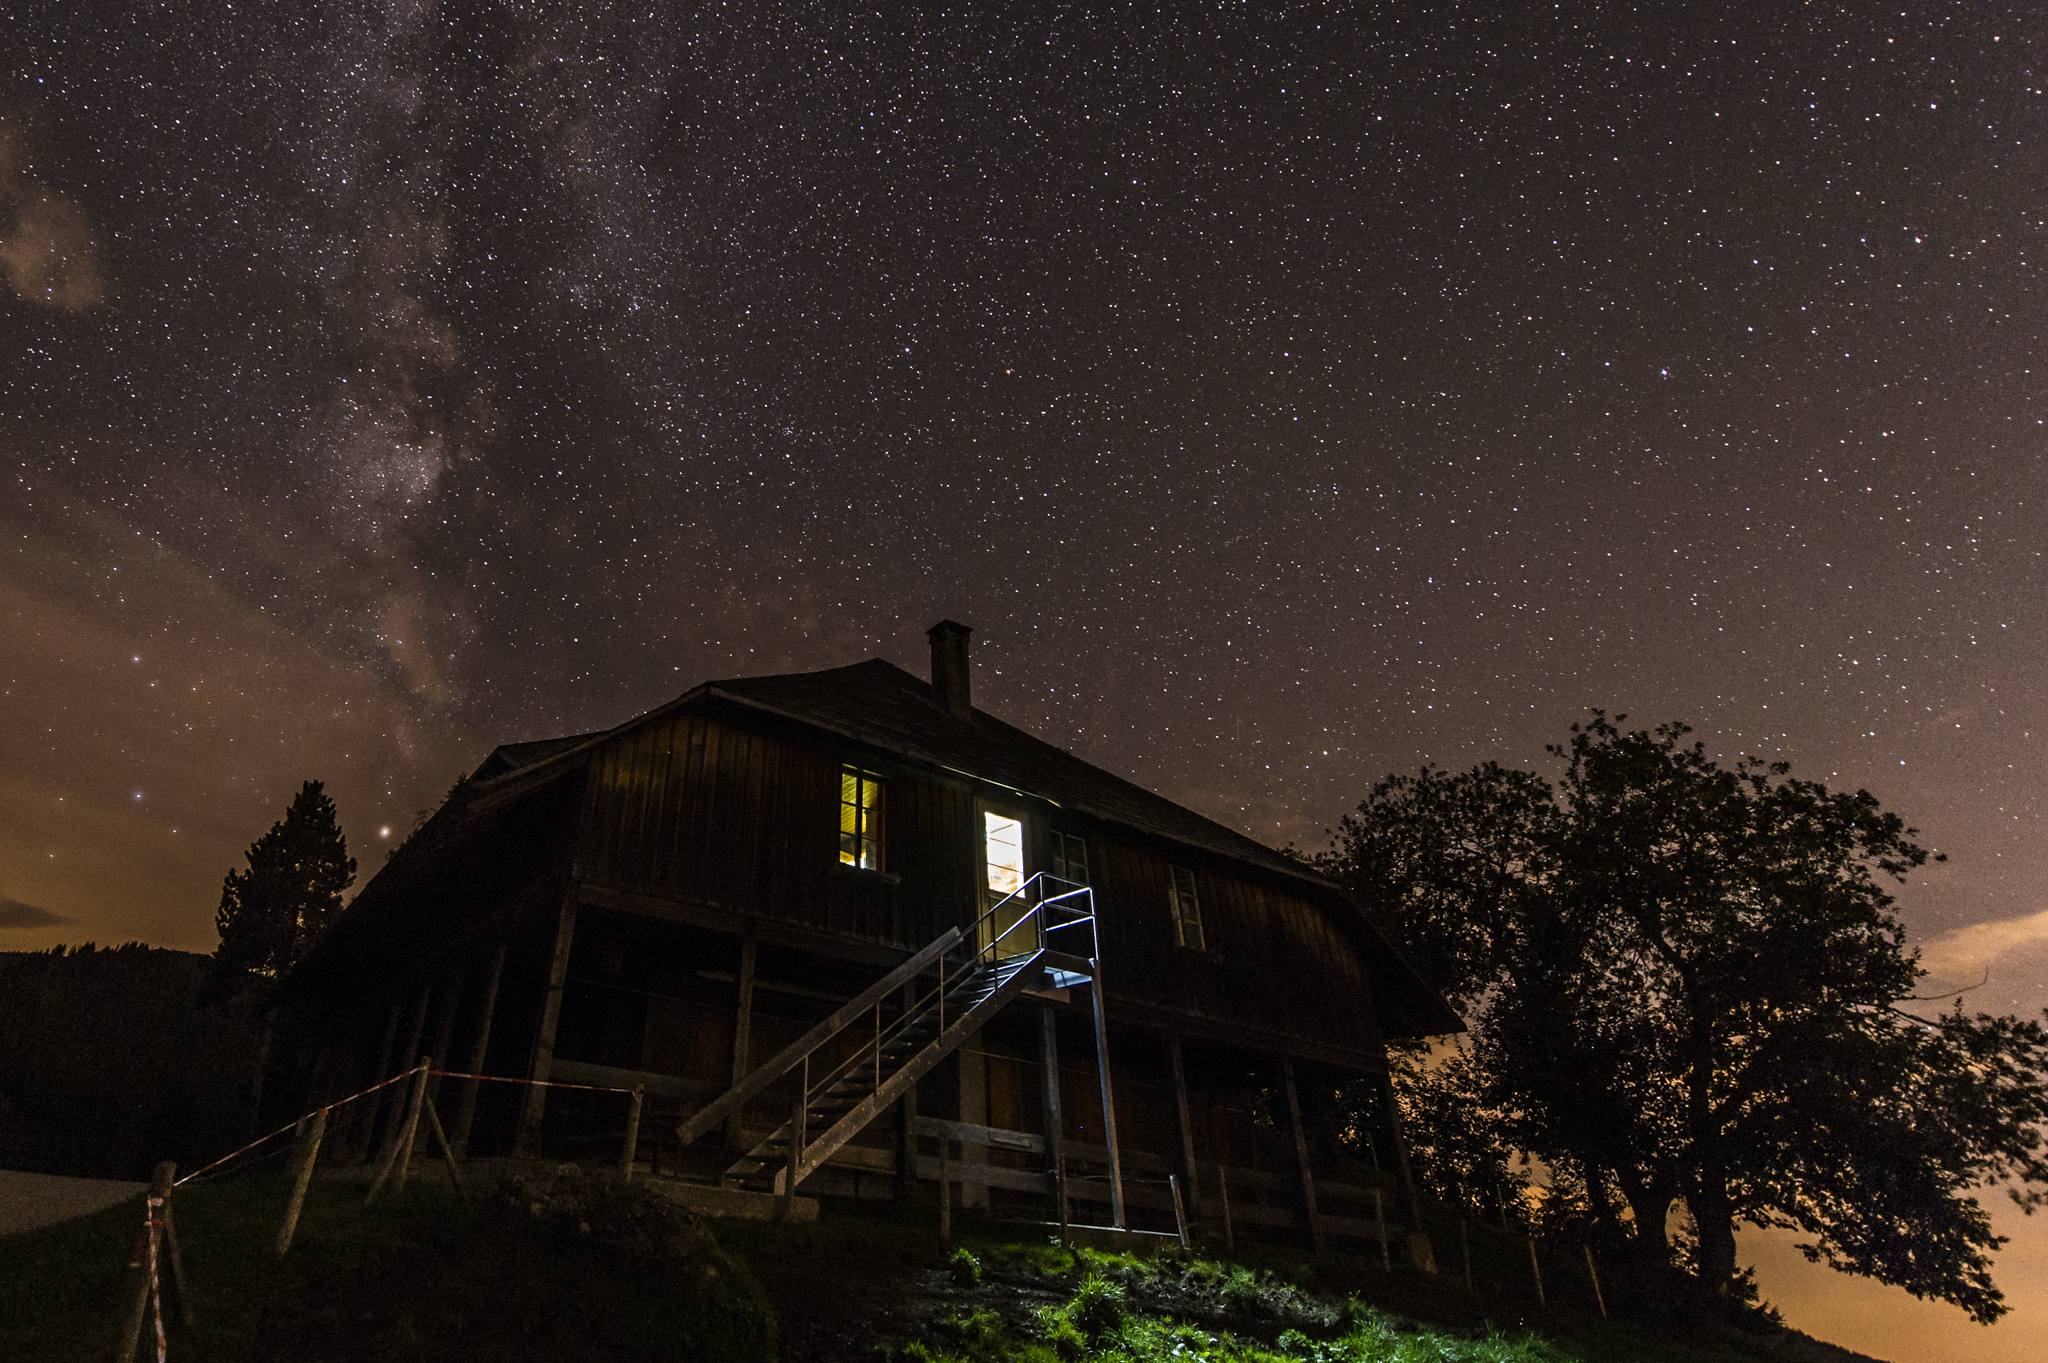 Ein-Millionen-Sterne-Haus_Sternenpark-Gantrisch (1)